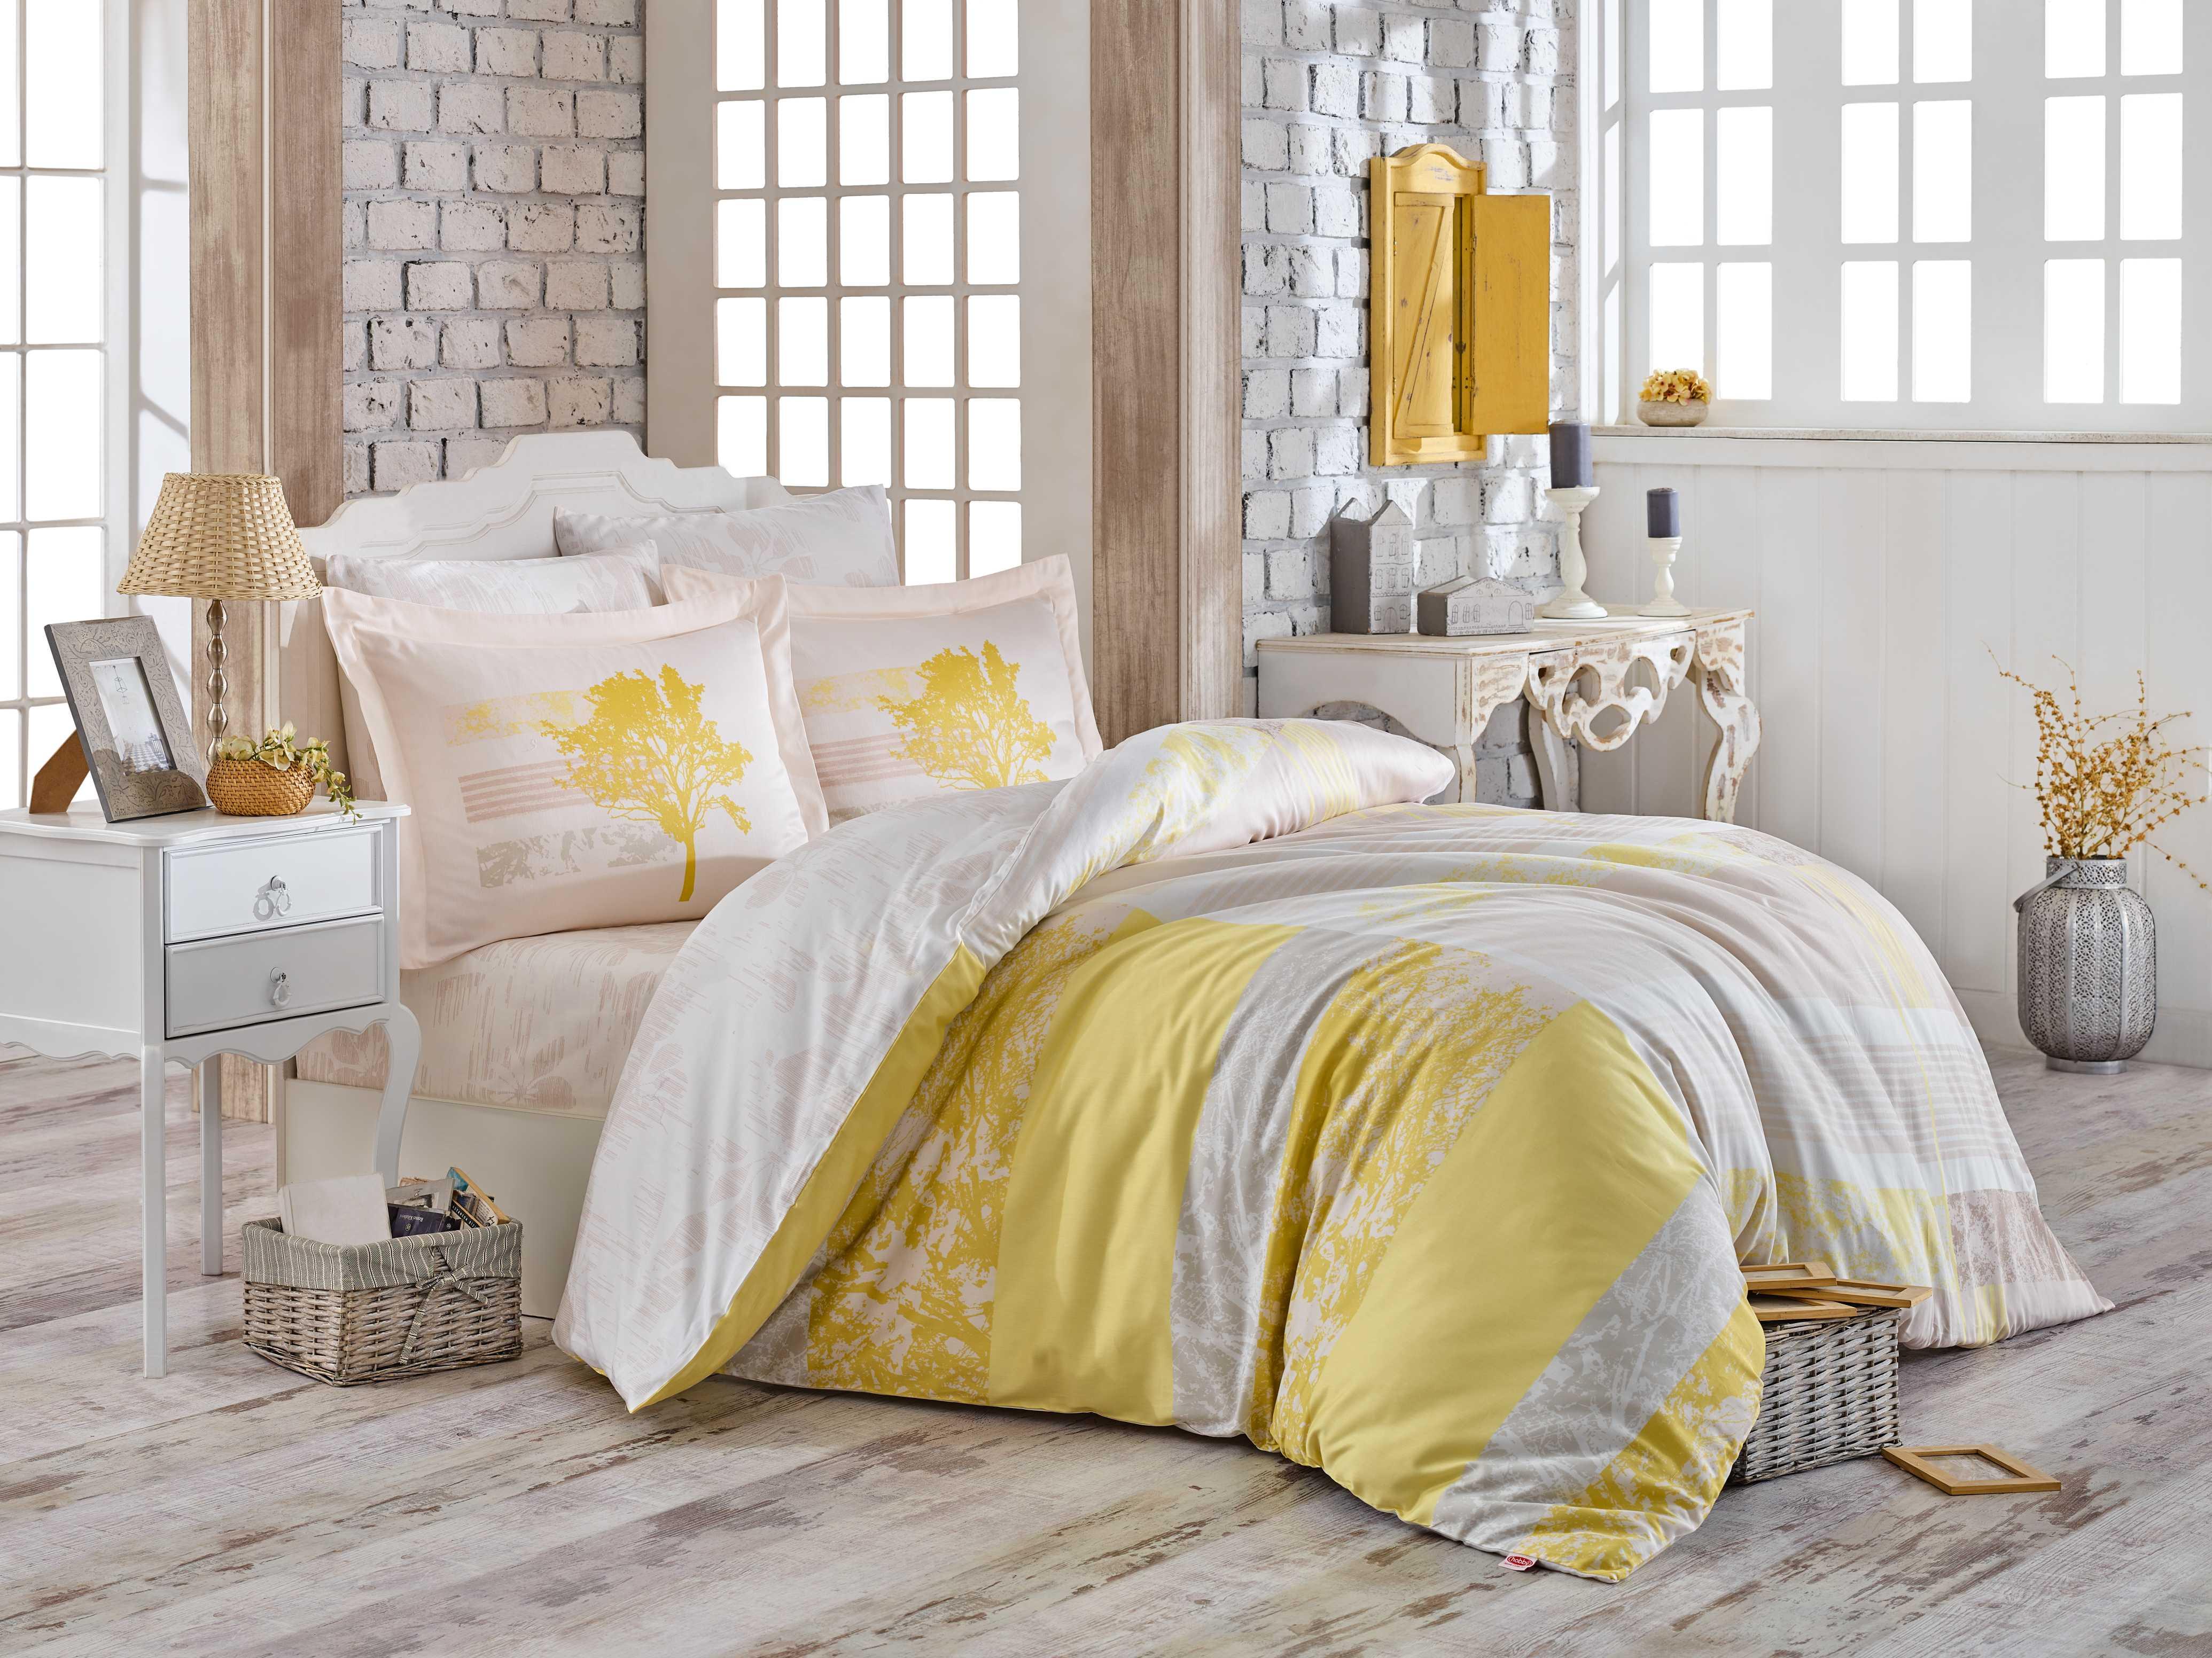 Комплект постельного белья Hobby Home Collection Elsa, евро, наволочки 50x70, цвет: желтый1501001720Постельное белье из сатина изготавливается из 100% натурального хлопка высокого качества, путем сложного переплетения нескольких видов нитей. Постельное белье сатин поражает своей красотой и изяществом, создавая неповторимый интерьер в вашей спальне. Помимо своих внешних качеств, ткань отличается хорошей способностью пропускать воздух, и прекрасно впитывать влагу, благодаря чему, оно подойдет людям, которые не переносят синтетическую ткань. Белье практически не мнется. Красивый, изысканный внешний вид, мягкость и нежность ткани позволяет сравнивать сатин с шелком. А по прочности и долговечности сатину вообще нет равных, белье из этой благородной ткани выдержит более 200 стирок, сохраняя при этом вид продукта экстра-класса.Советы по выбору постельного белья от блогера Ирины Соковых. Статья OZON Гид